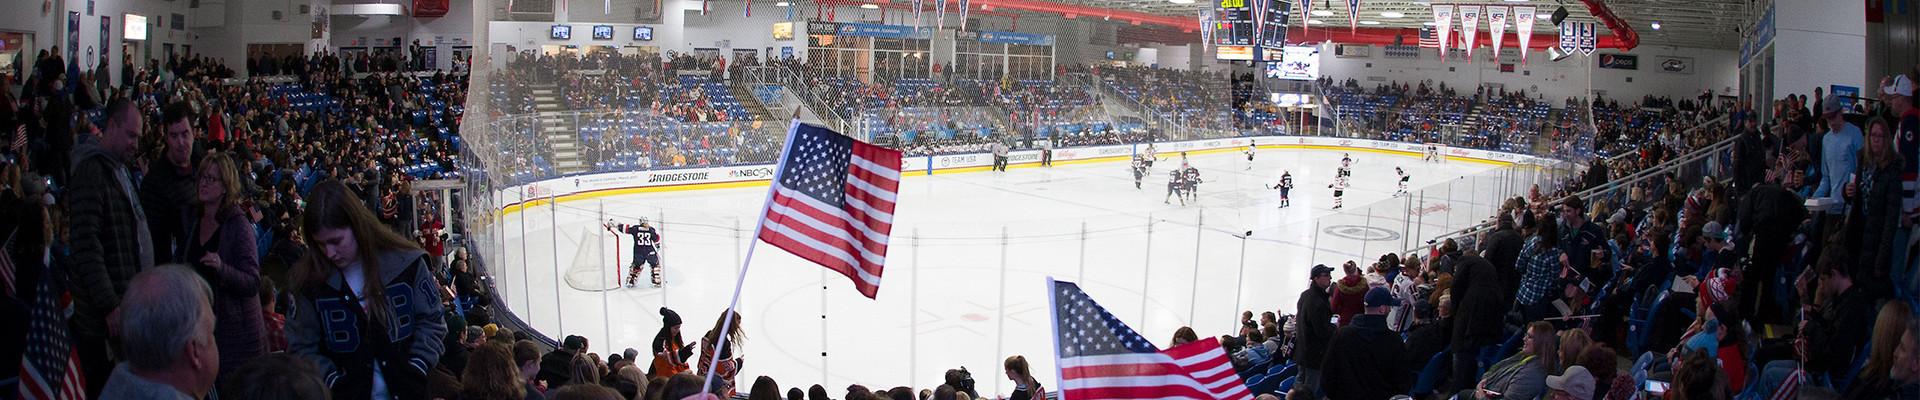 Michigan to host 2020 IIHF Under-18 World Championship